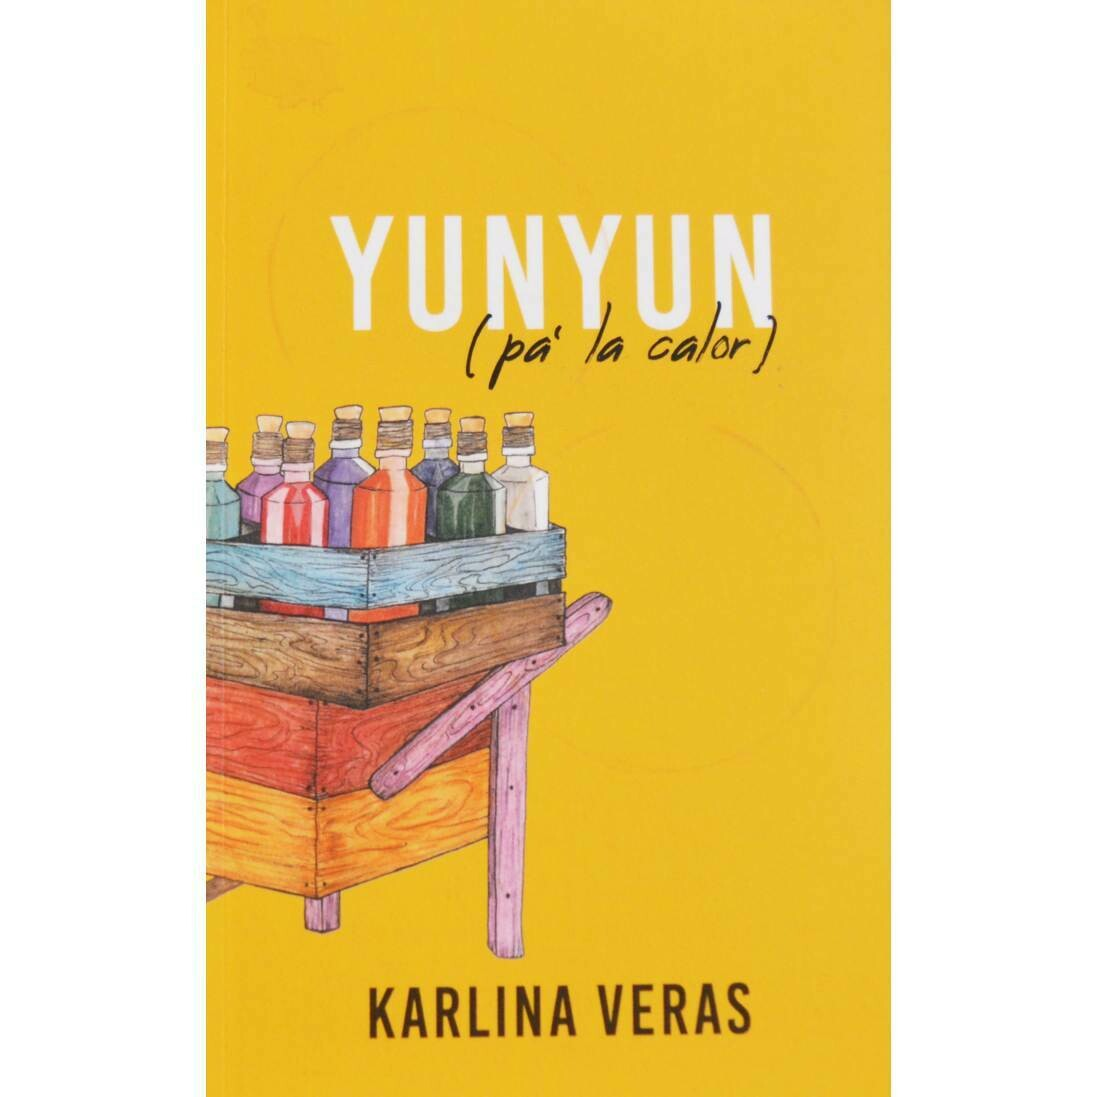 Yun Yun (pa' la calor) by Karlina Veras